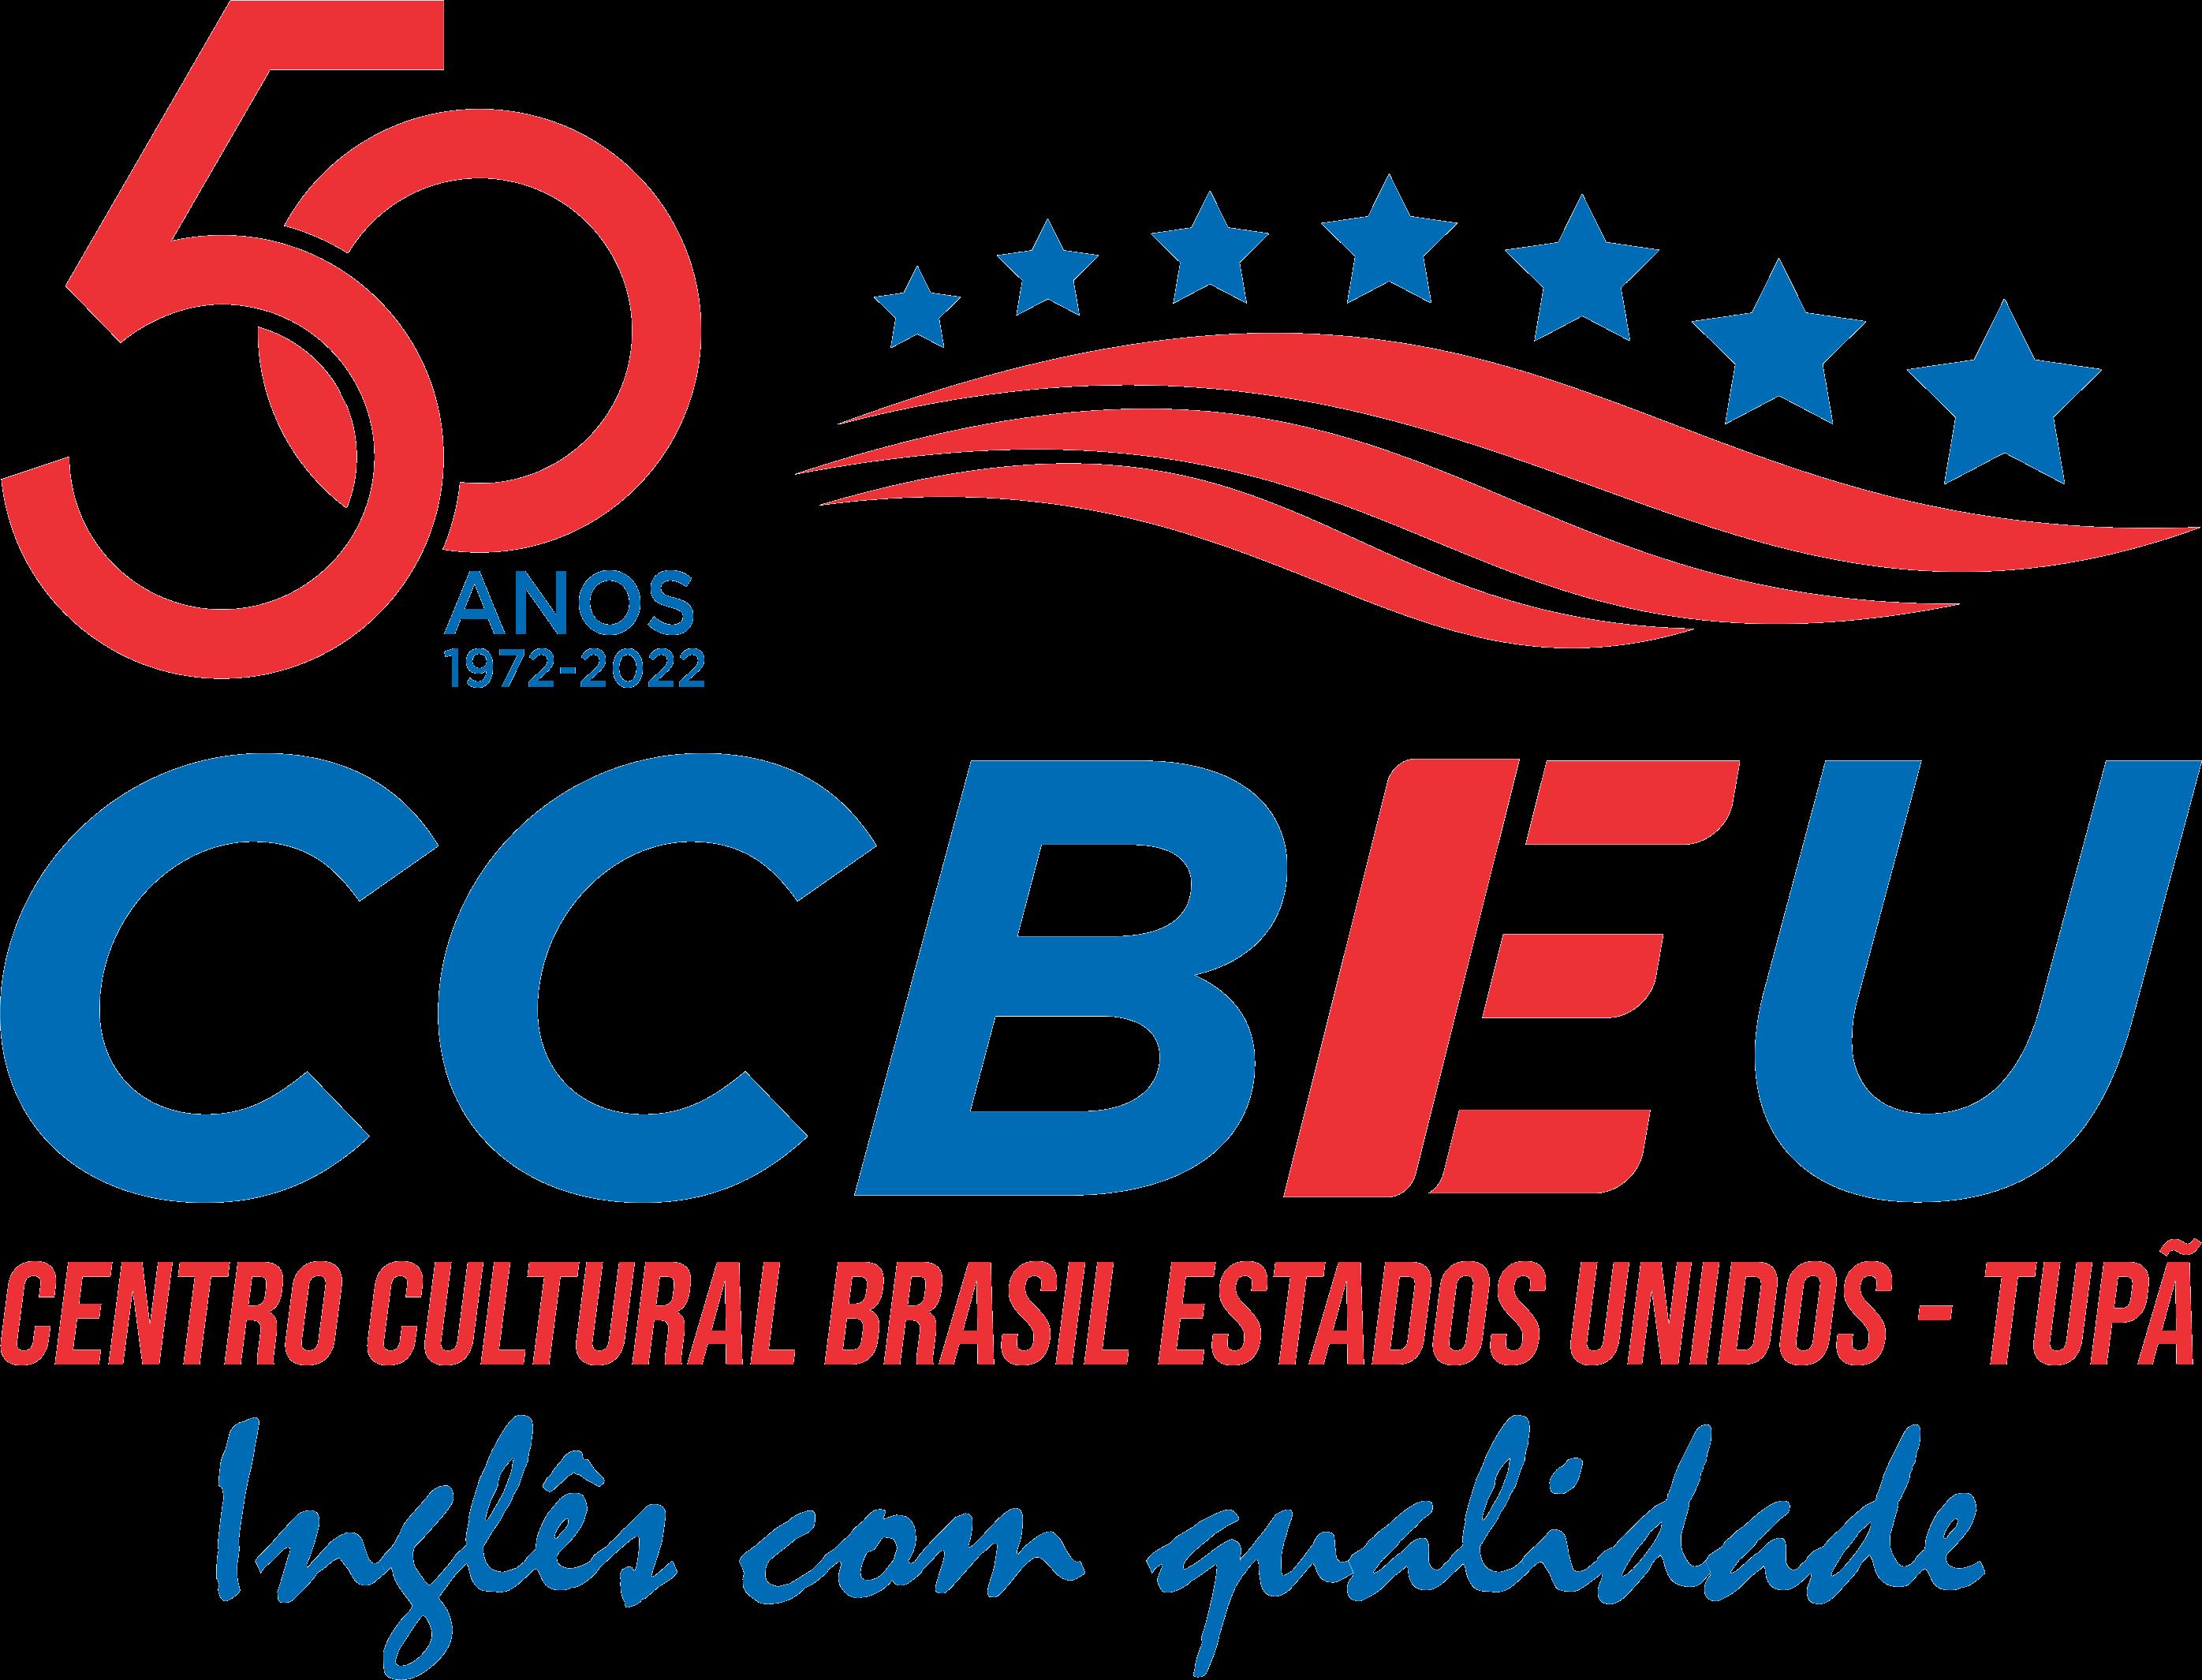 Centro Cultural Brasil Estados Unidos